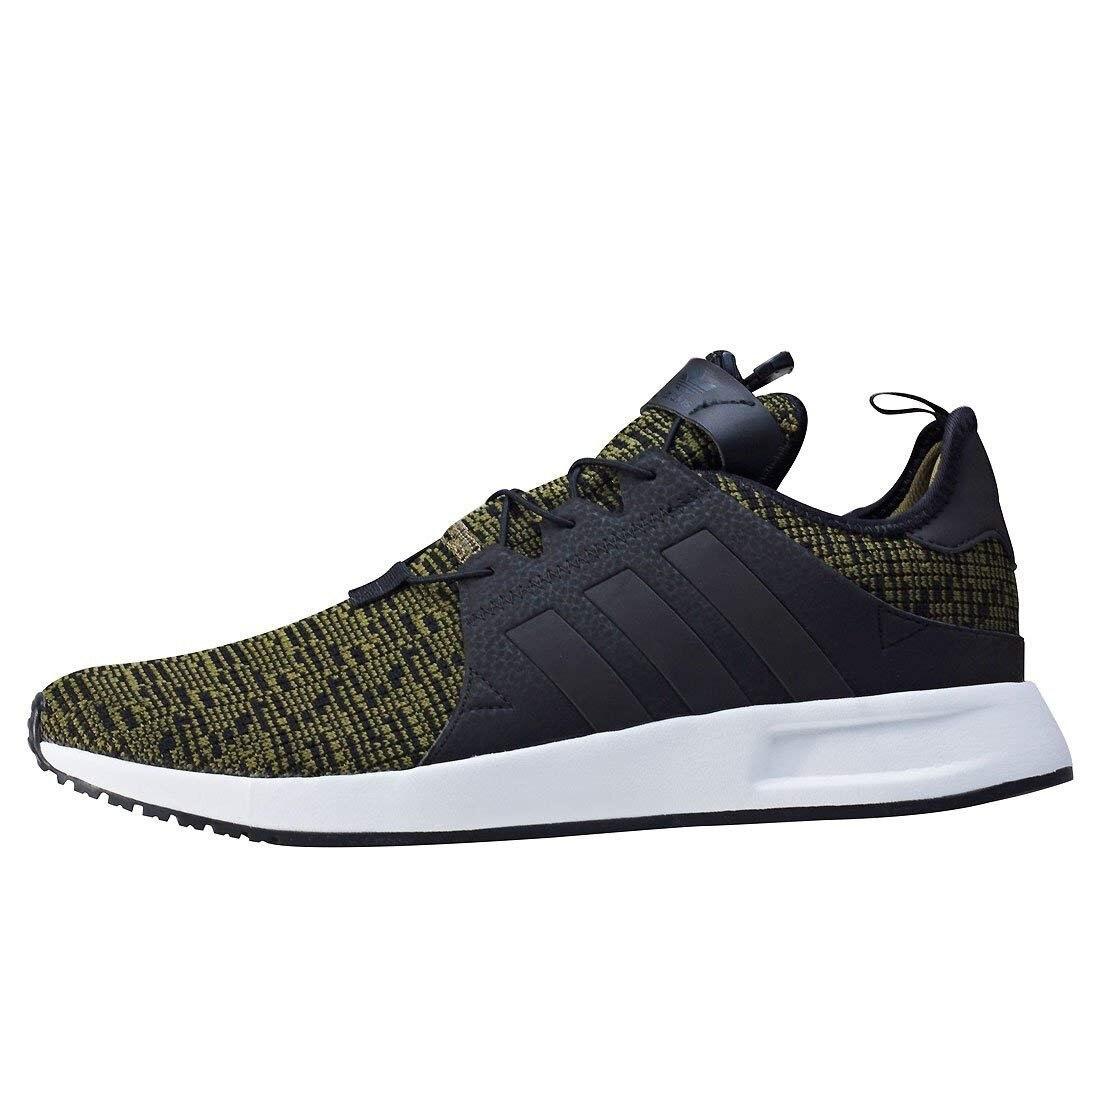 Adidas Originals Buty X PLR BY3048 40 EU